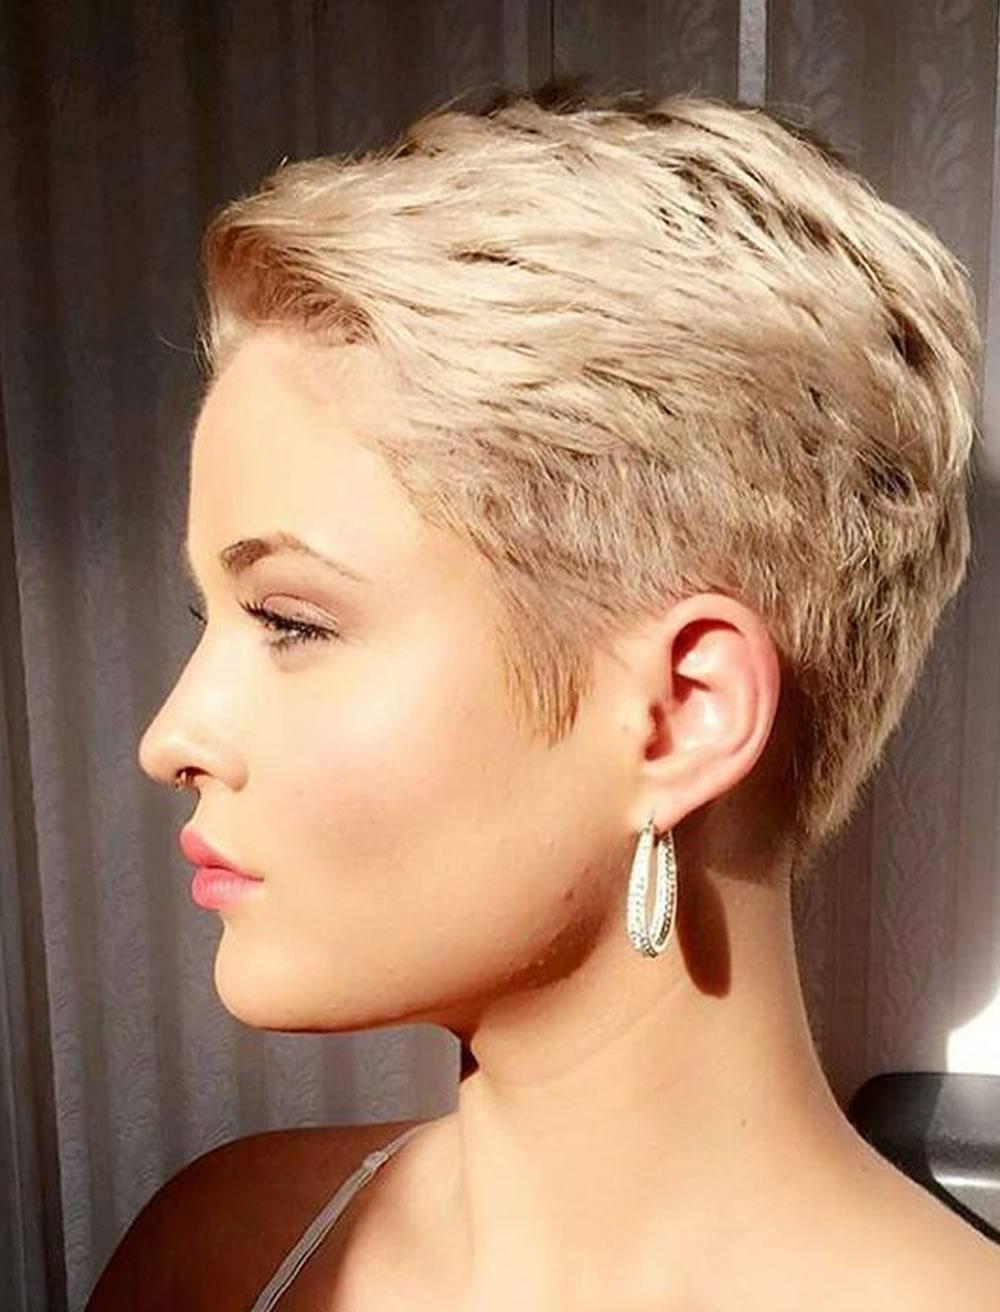 image48-5 | Модные женские стрижки на короткие волосы: основные правила и варианты исполнения